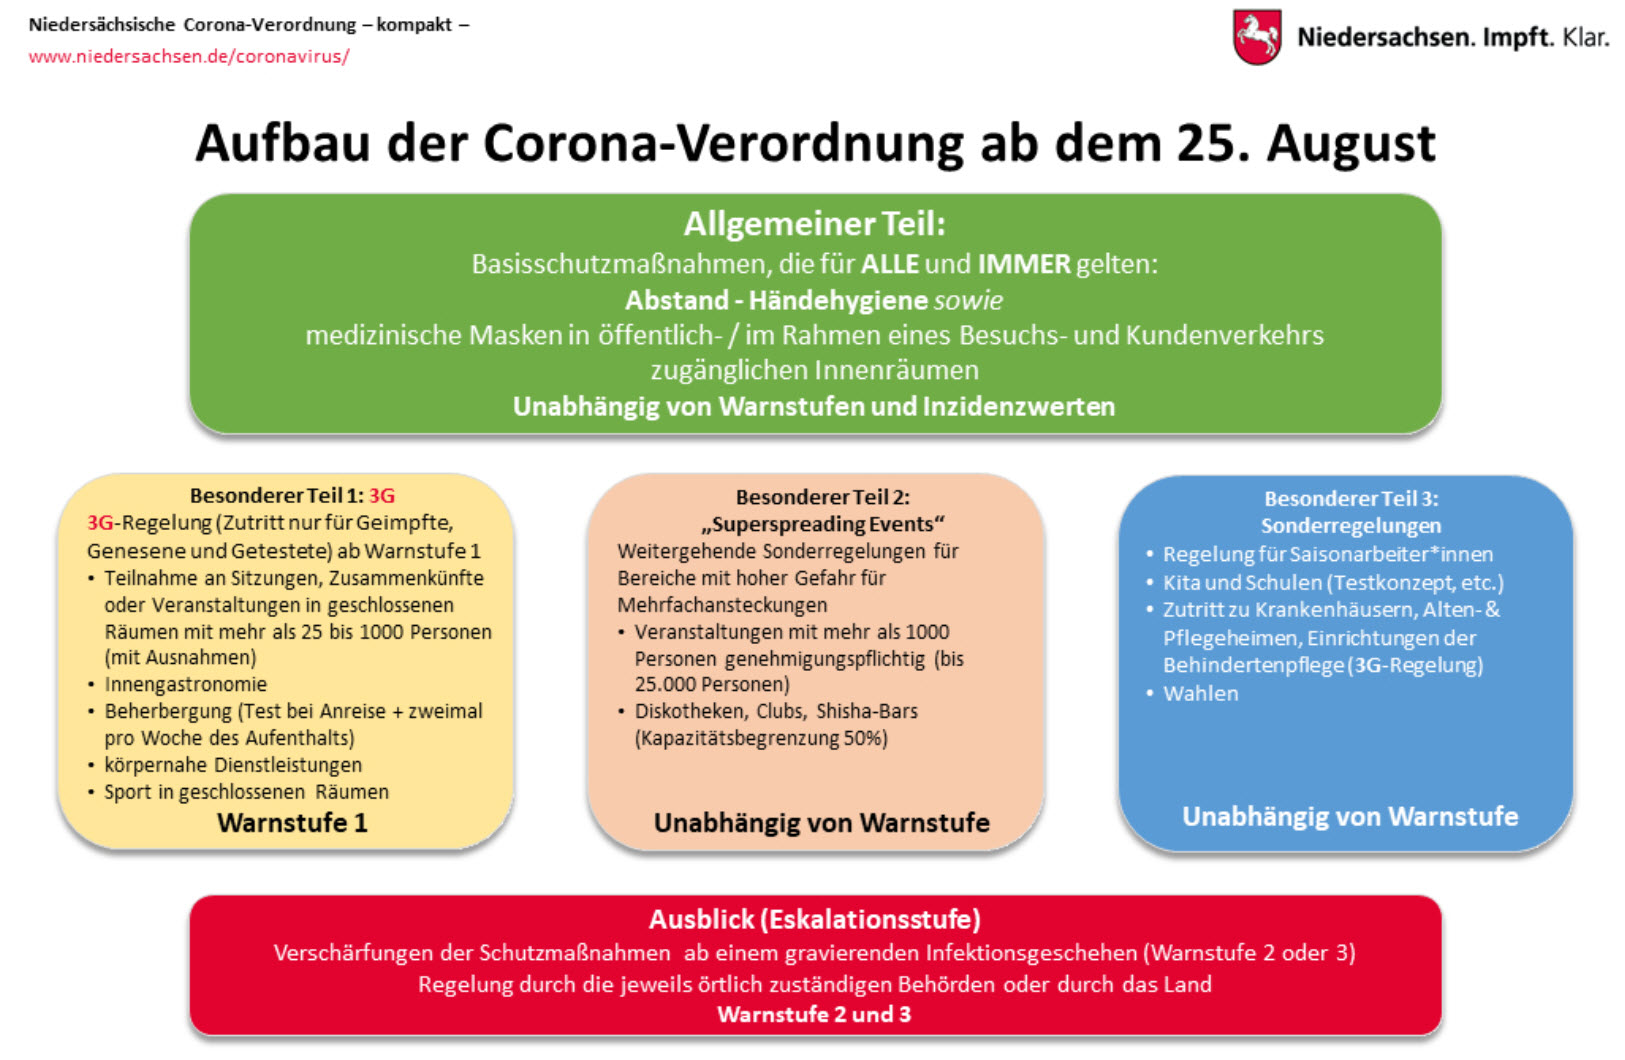 Anwendung der neuen Corona-Regelungen des Landes Niedersachsen